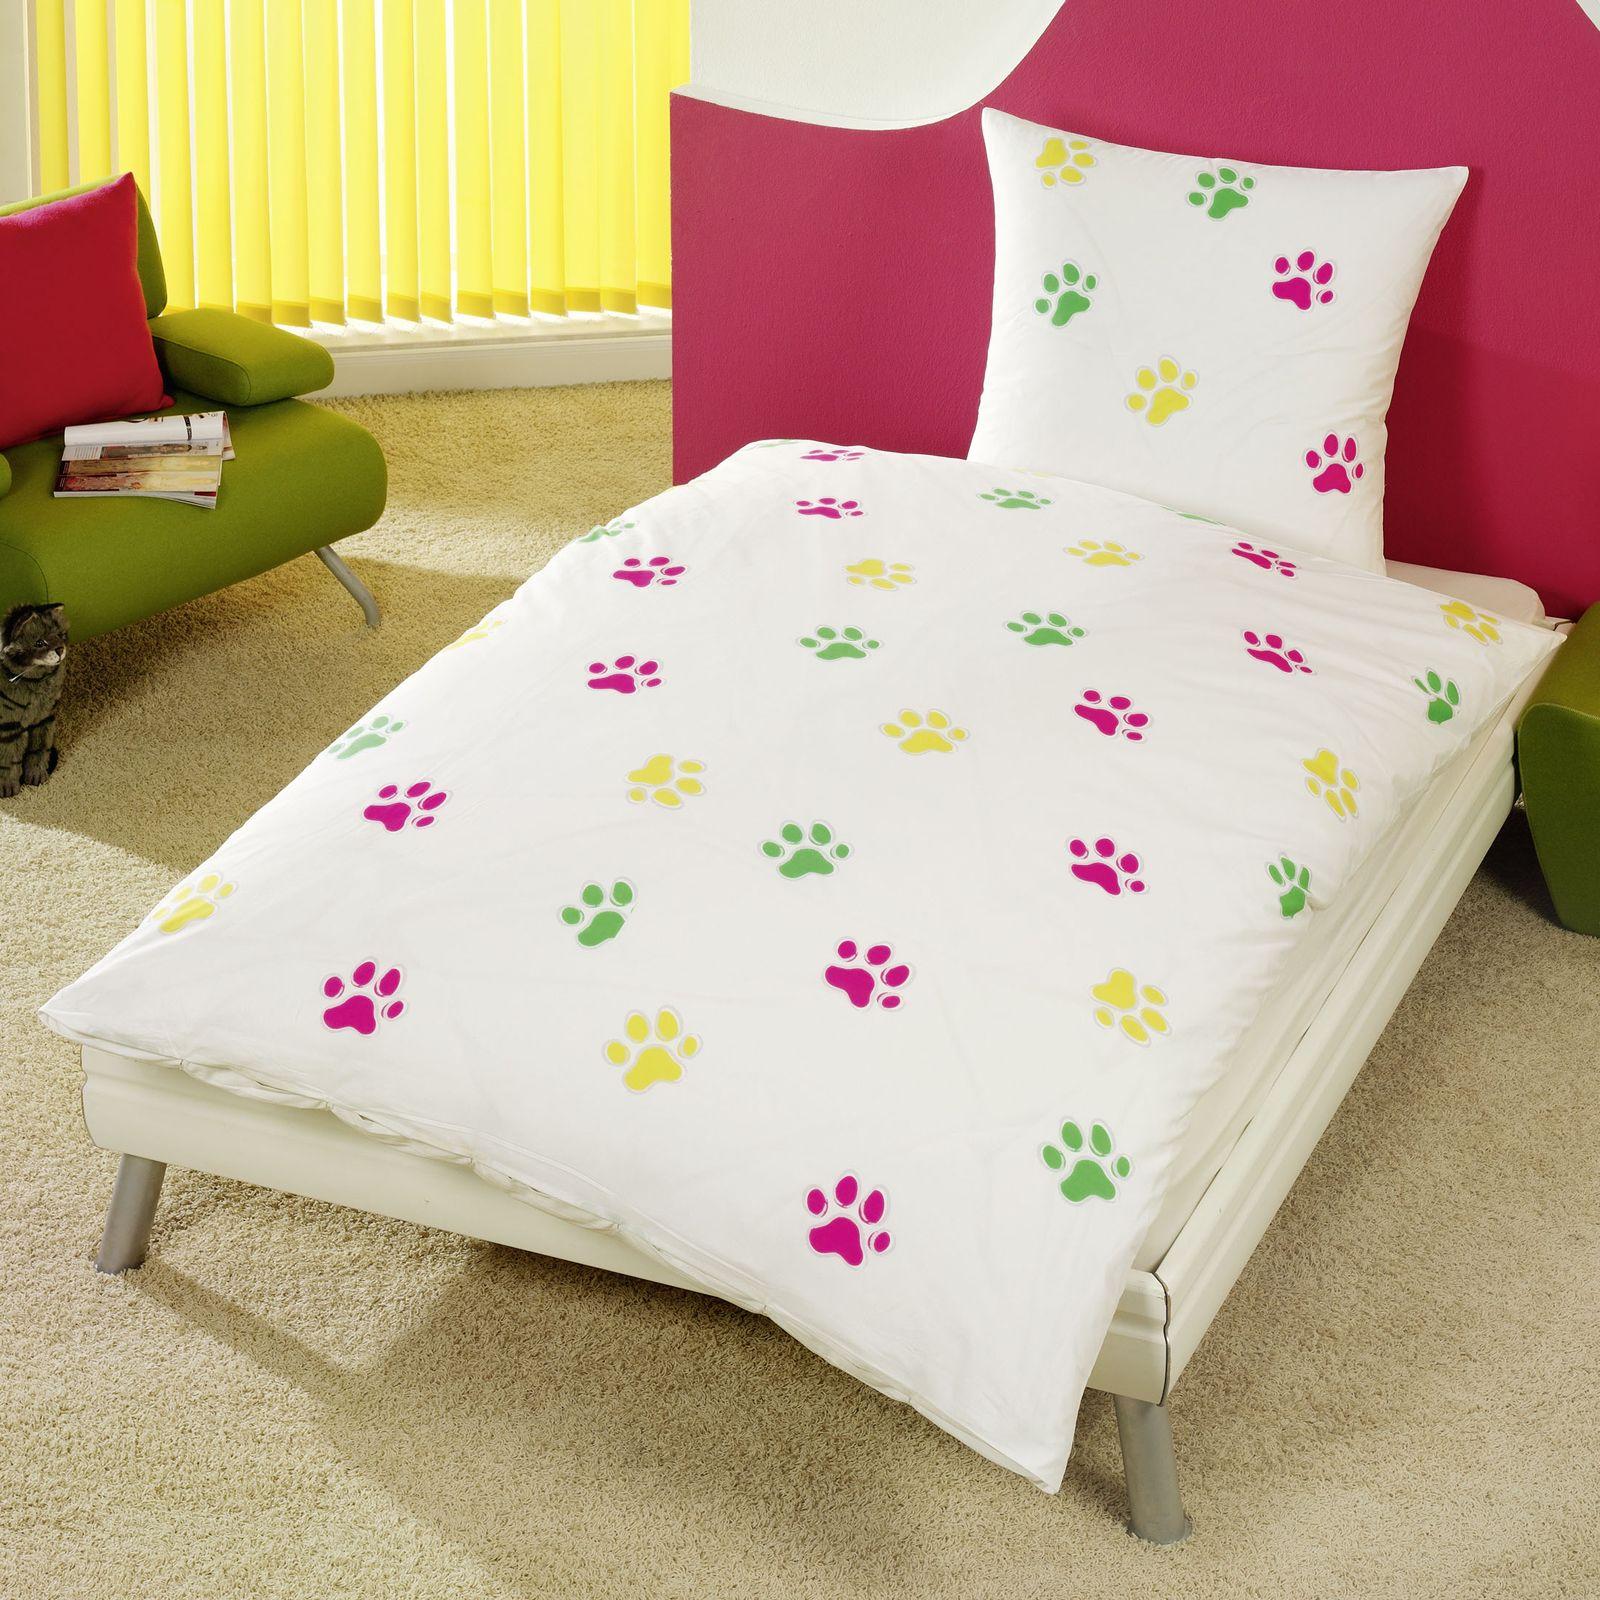 tier bettw sche 100 baumwolle bettbez ge neu schlafzimmer pferde welpen katzen. Black Bedroom Furniture Sets. Home Design Ideas